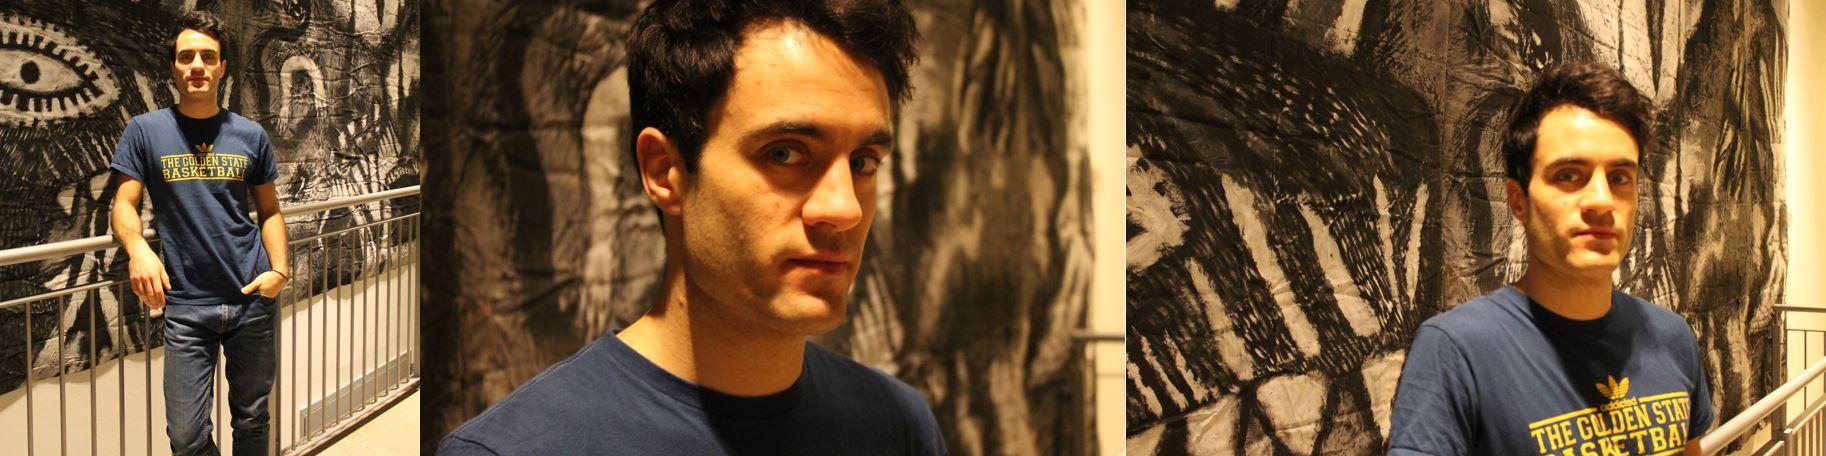 Alessandro Bruni Ocana davanti allopera di Sergio Battarola al TEatro Elfo Puccini di Milano (foto: Christian D'Antonio per The Way Magazine).